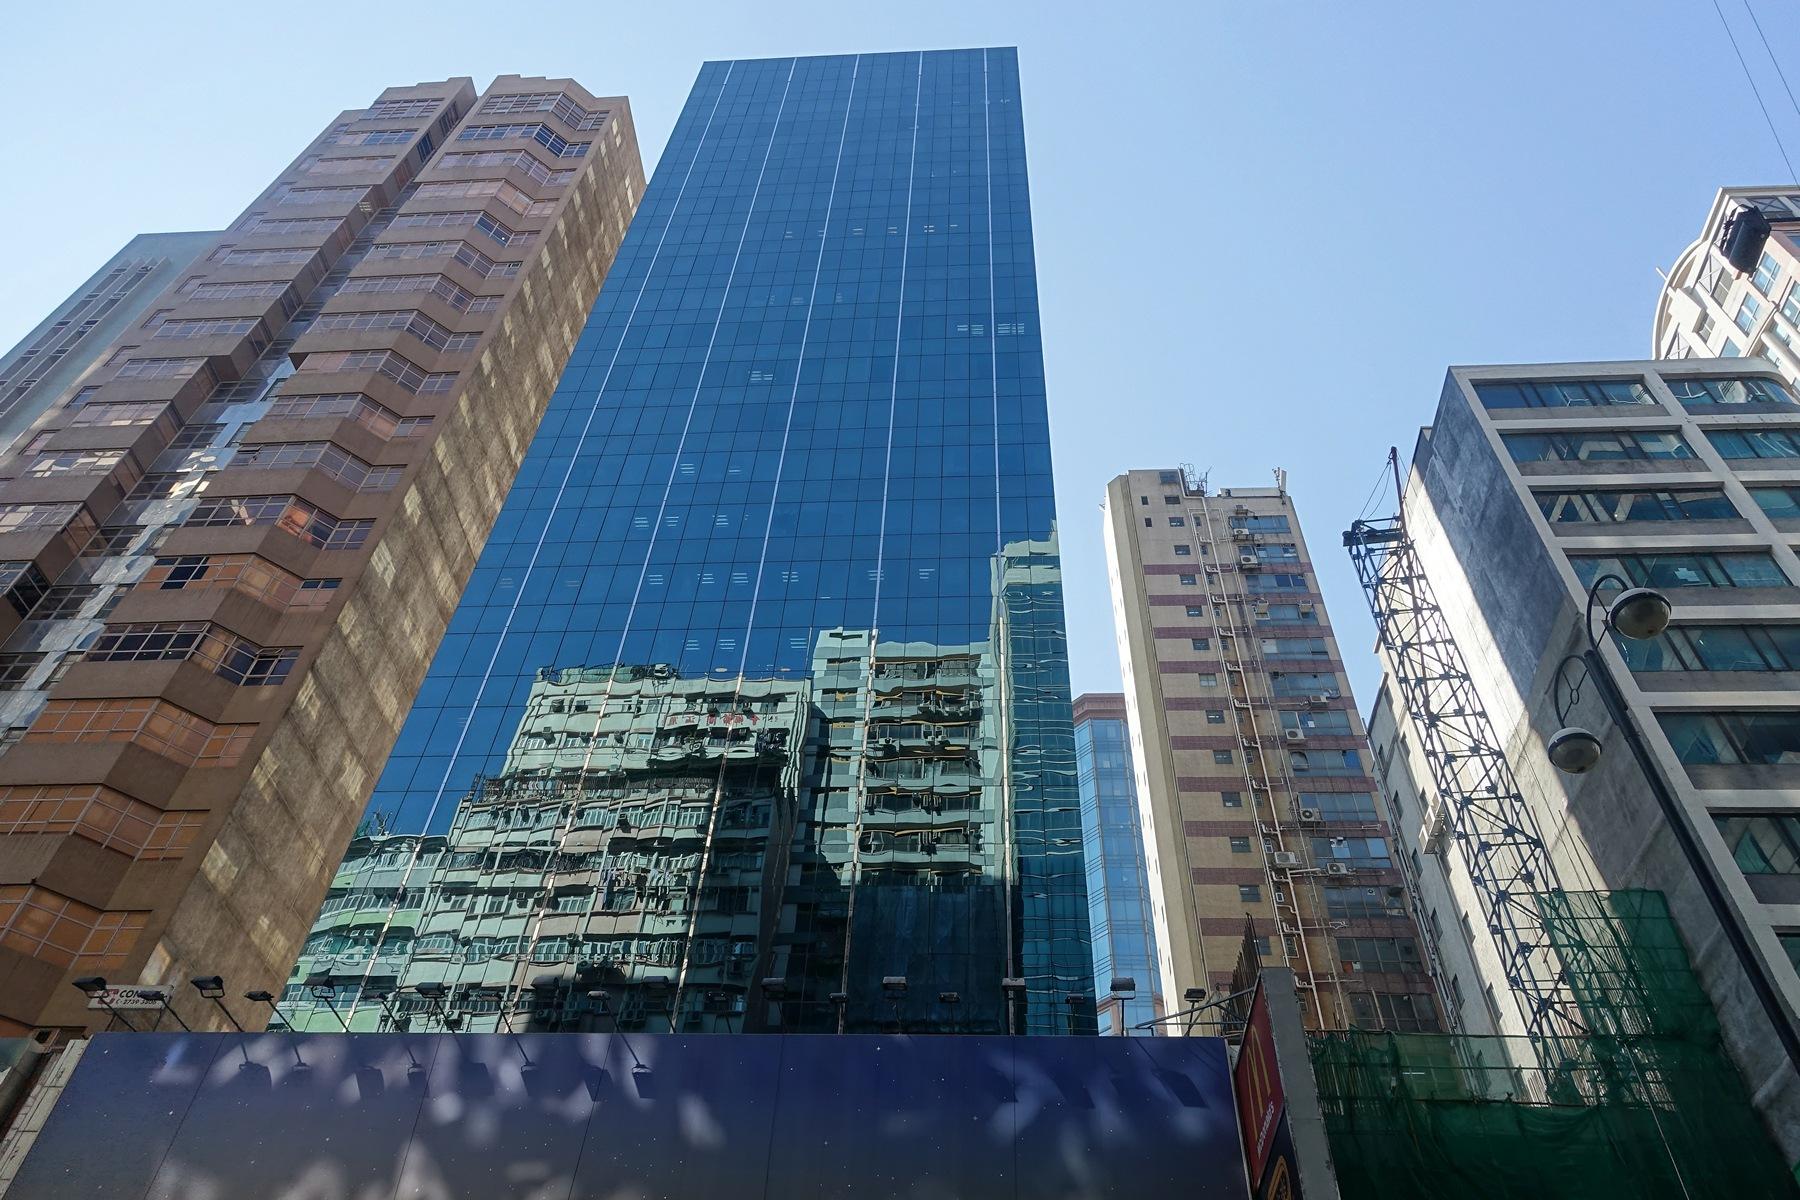 sky scrapers Hong Kong by per f andersen